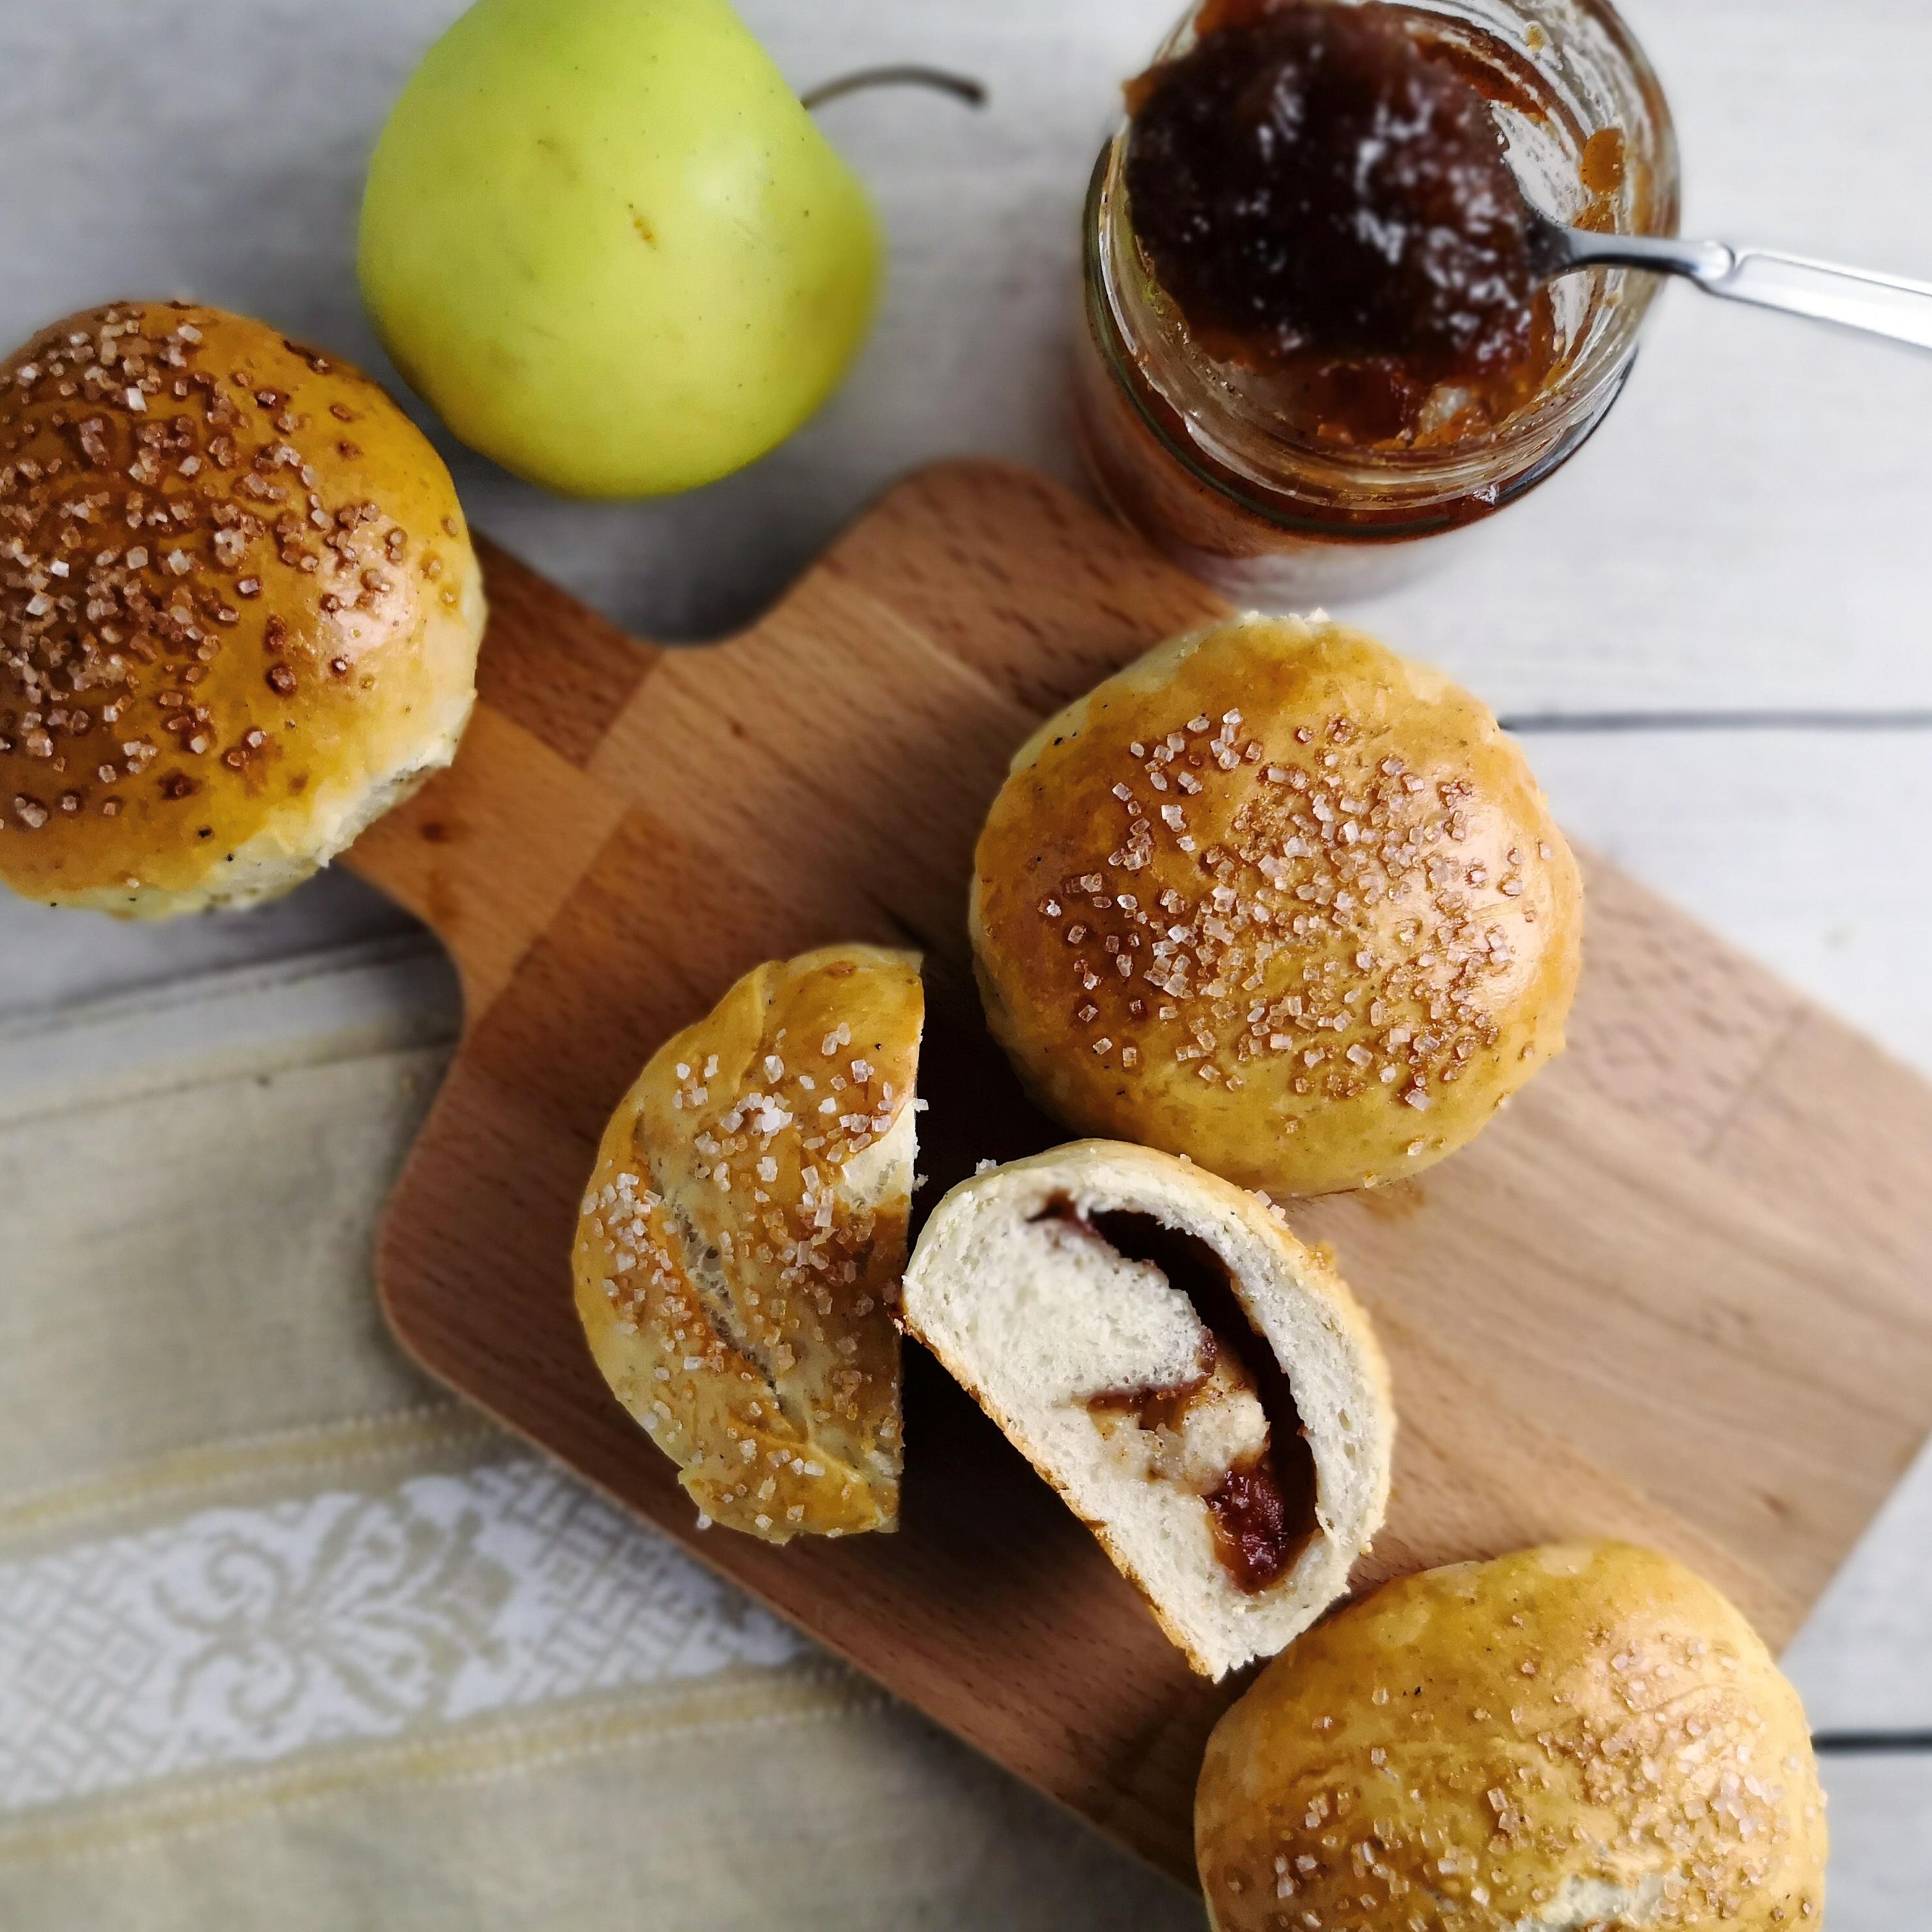 Shrovetide Buns with Apple Cinnamon Jam